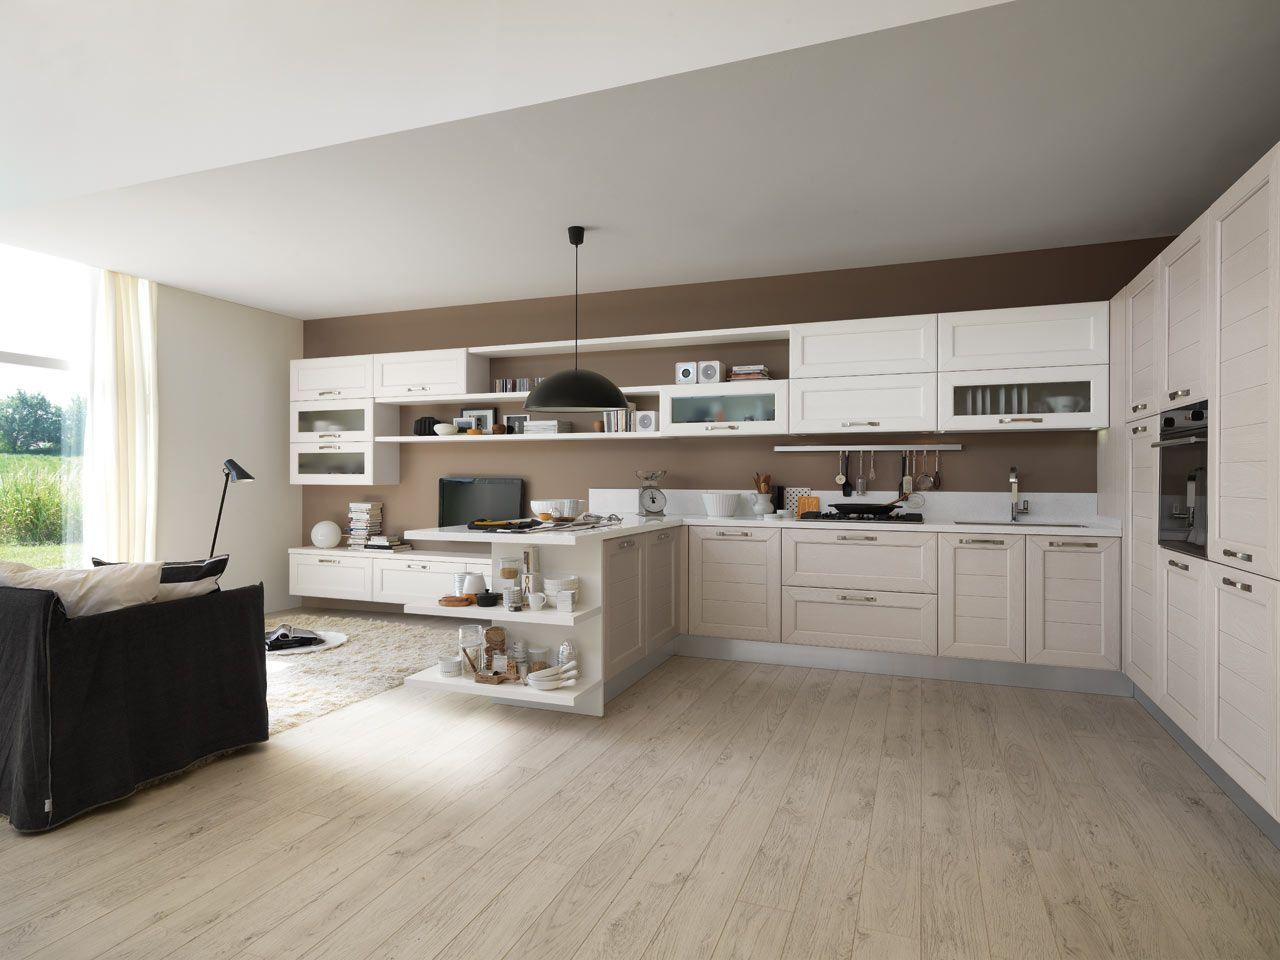 cucine colorate suggerimenti tendenza : Cucine Classiche Con Isola Lube : Cucine a gas vecchio stile. Cucine a ...